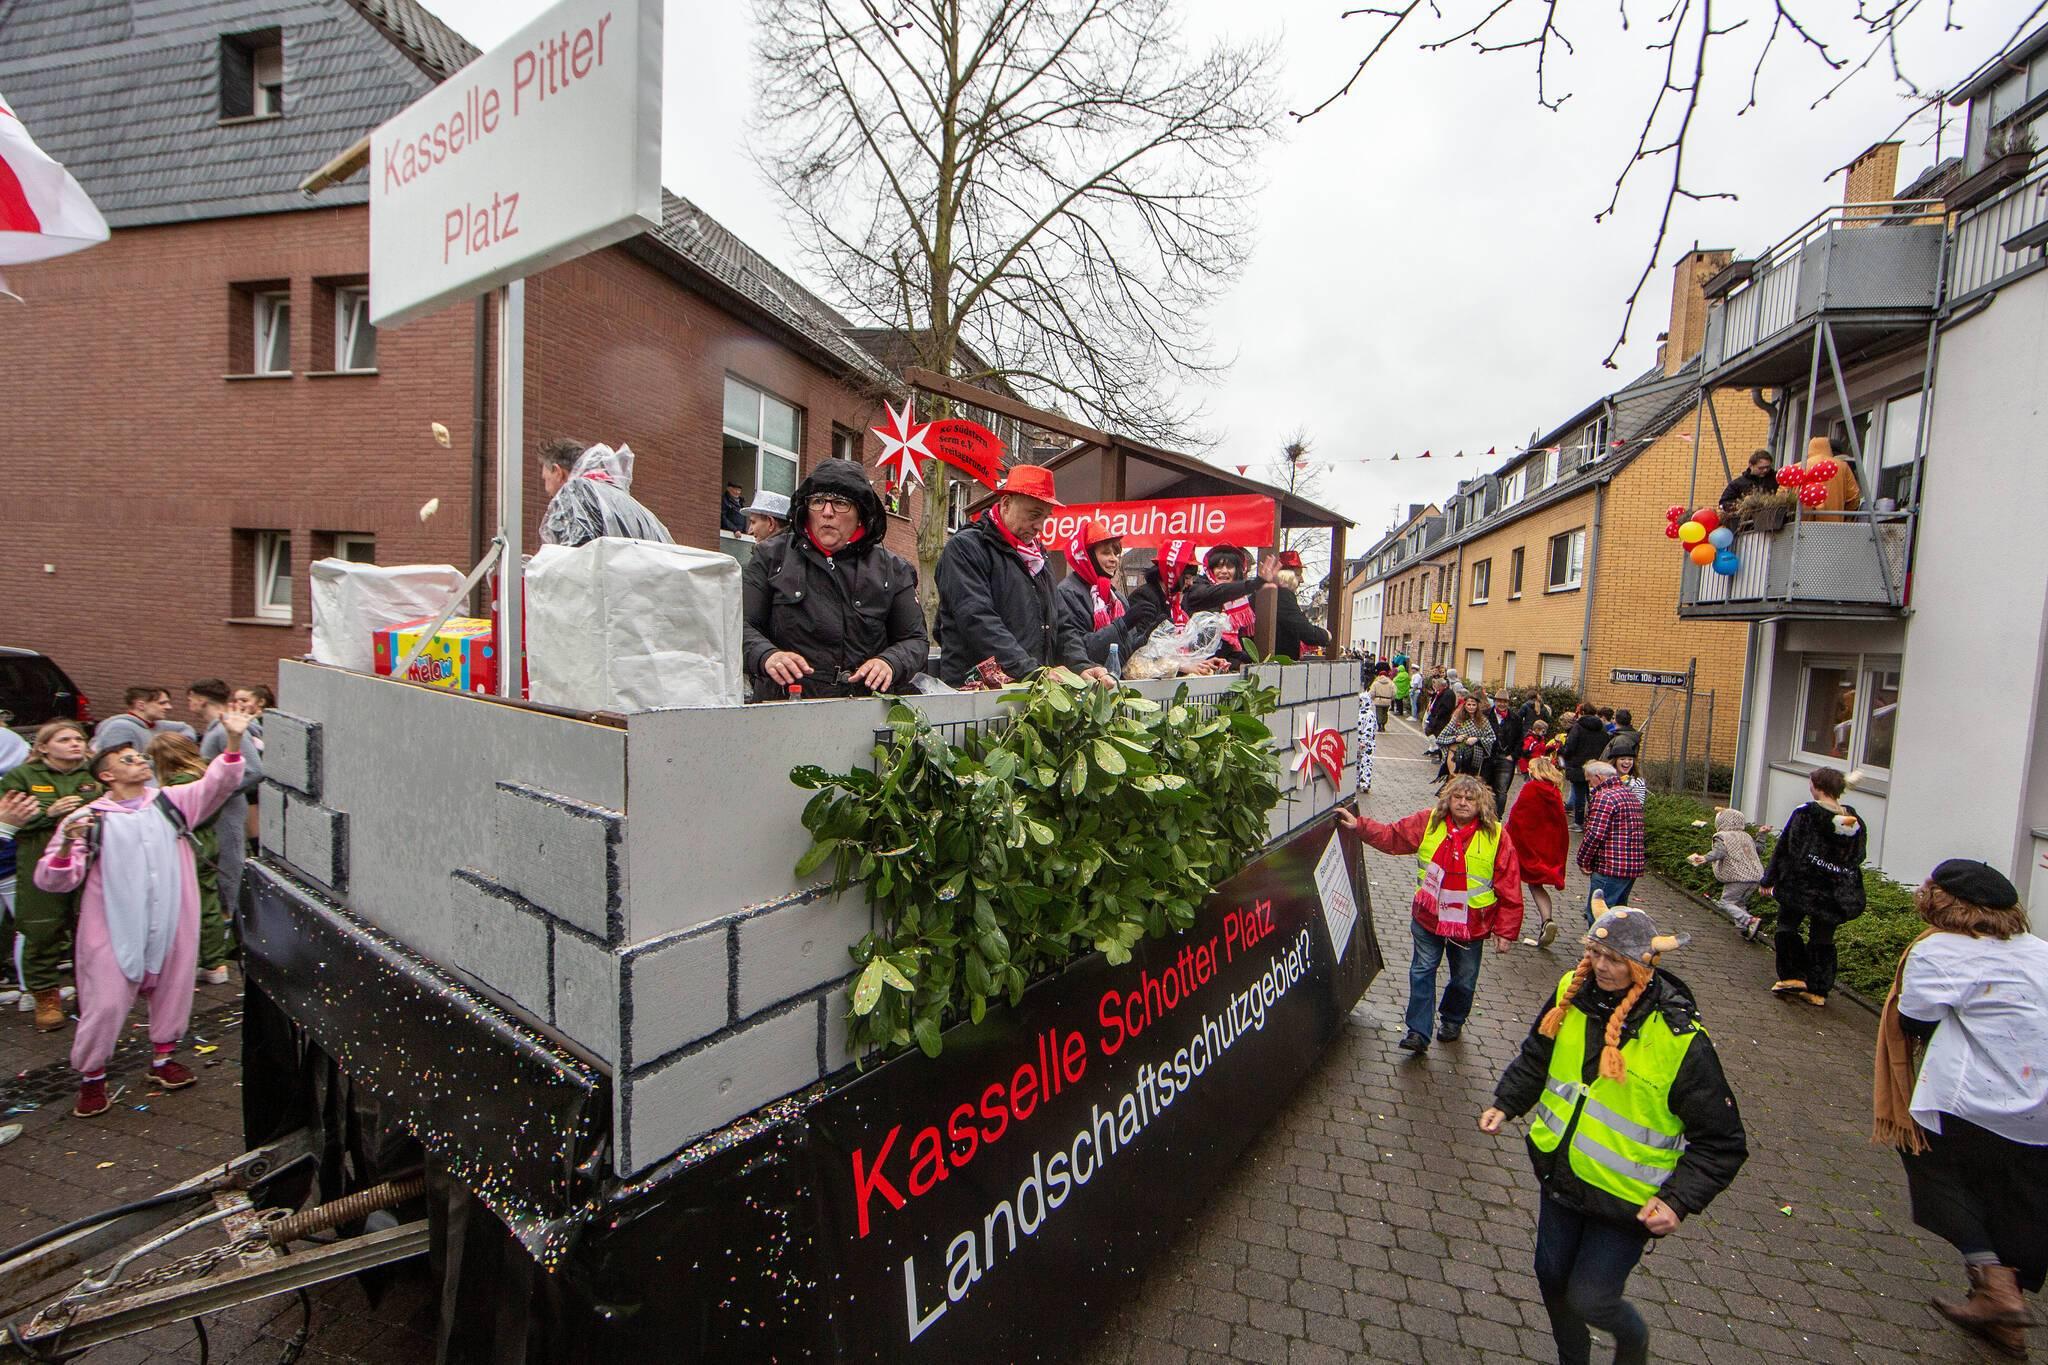 bilder vom karnevalszug in duisburg serm 2019